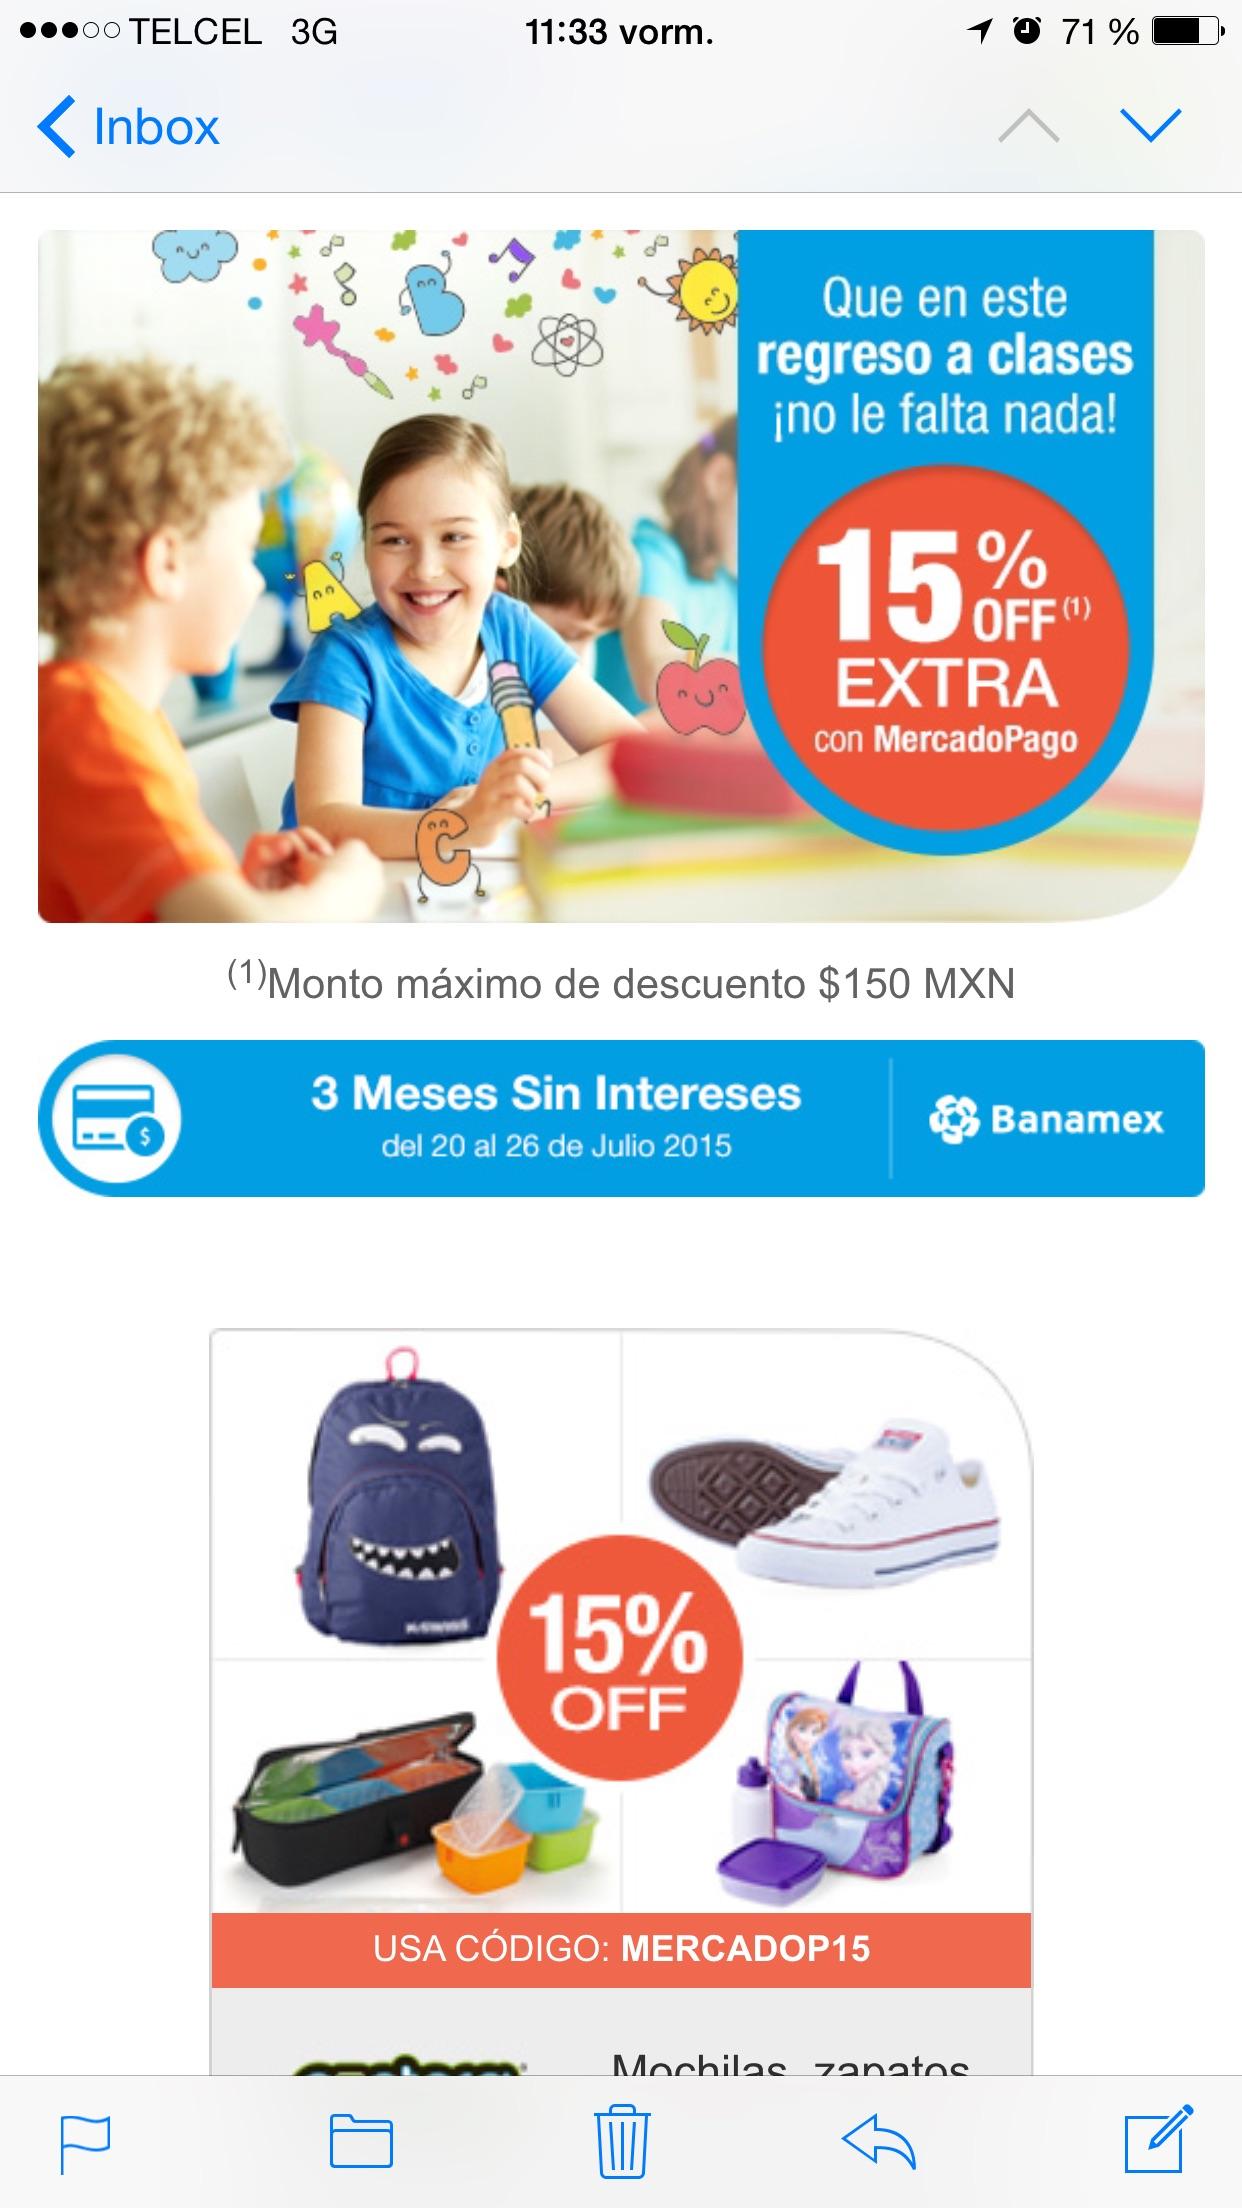 15% de descuento en varias tiendas pagando con MercadoPago (incluye Walmart)